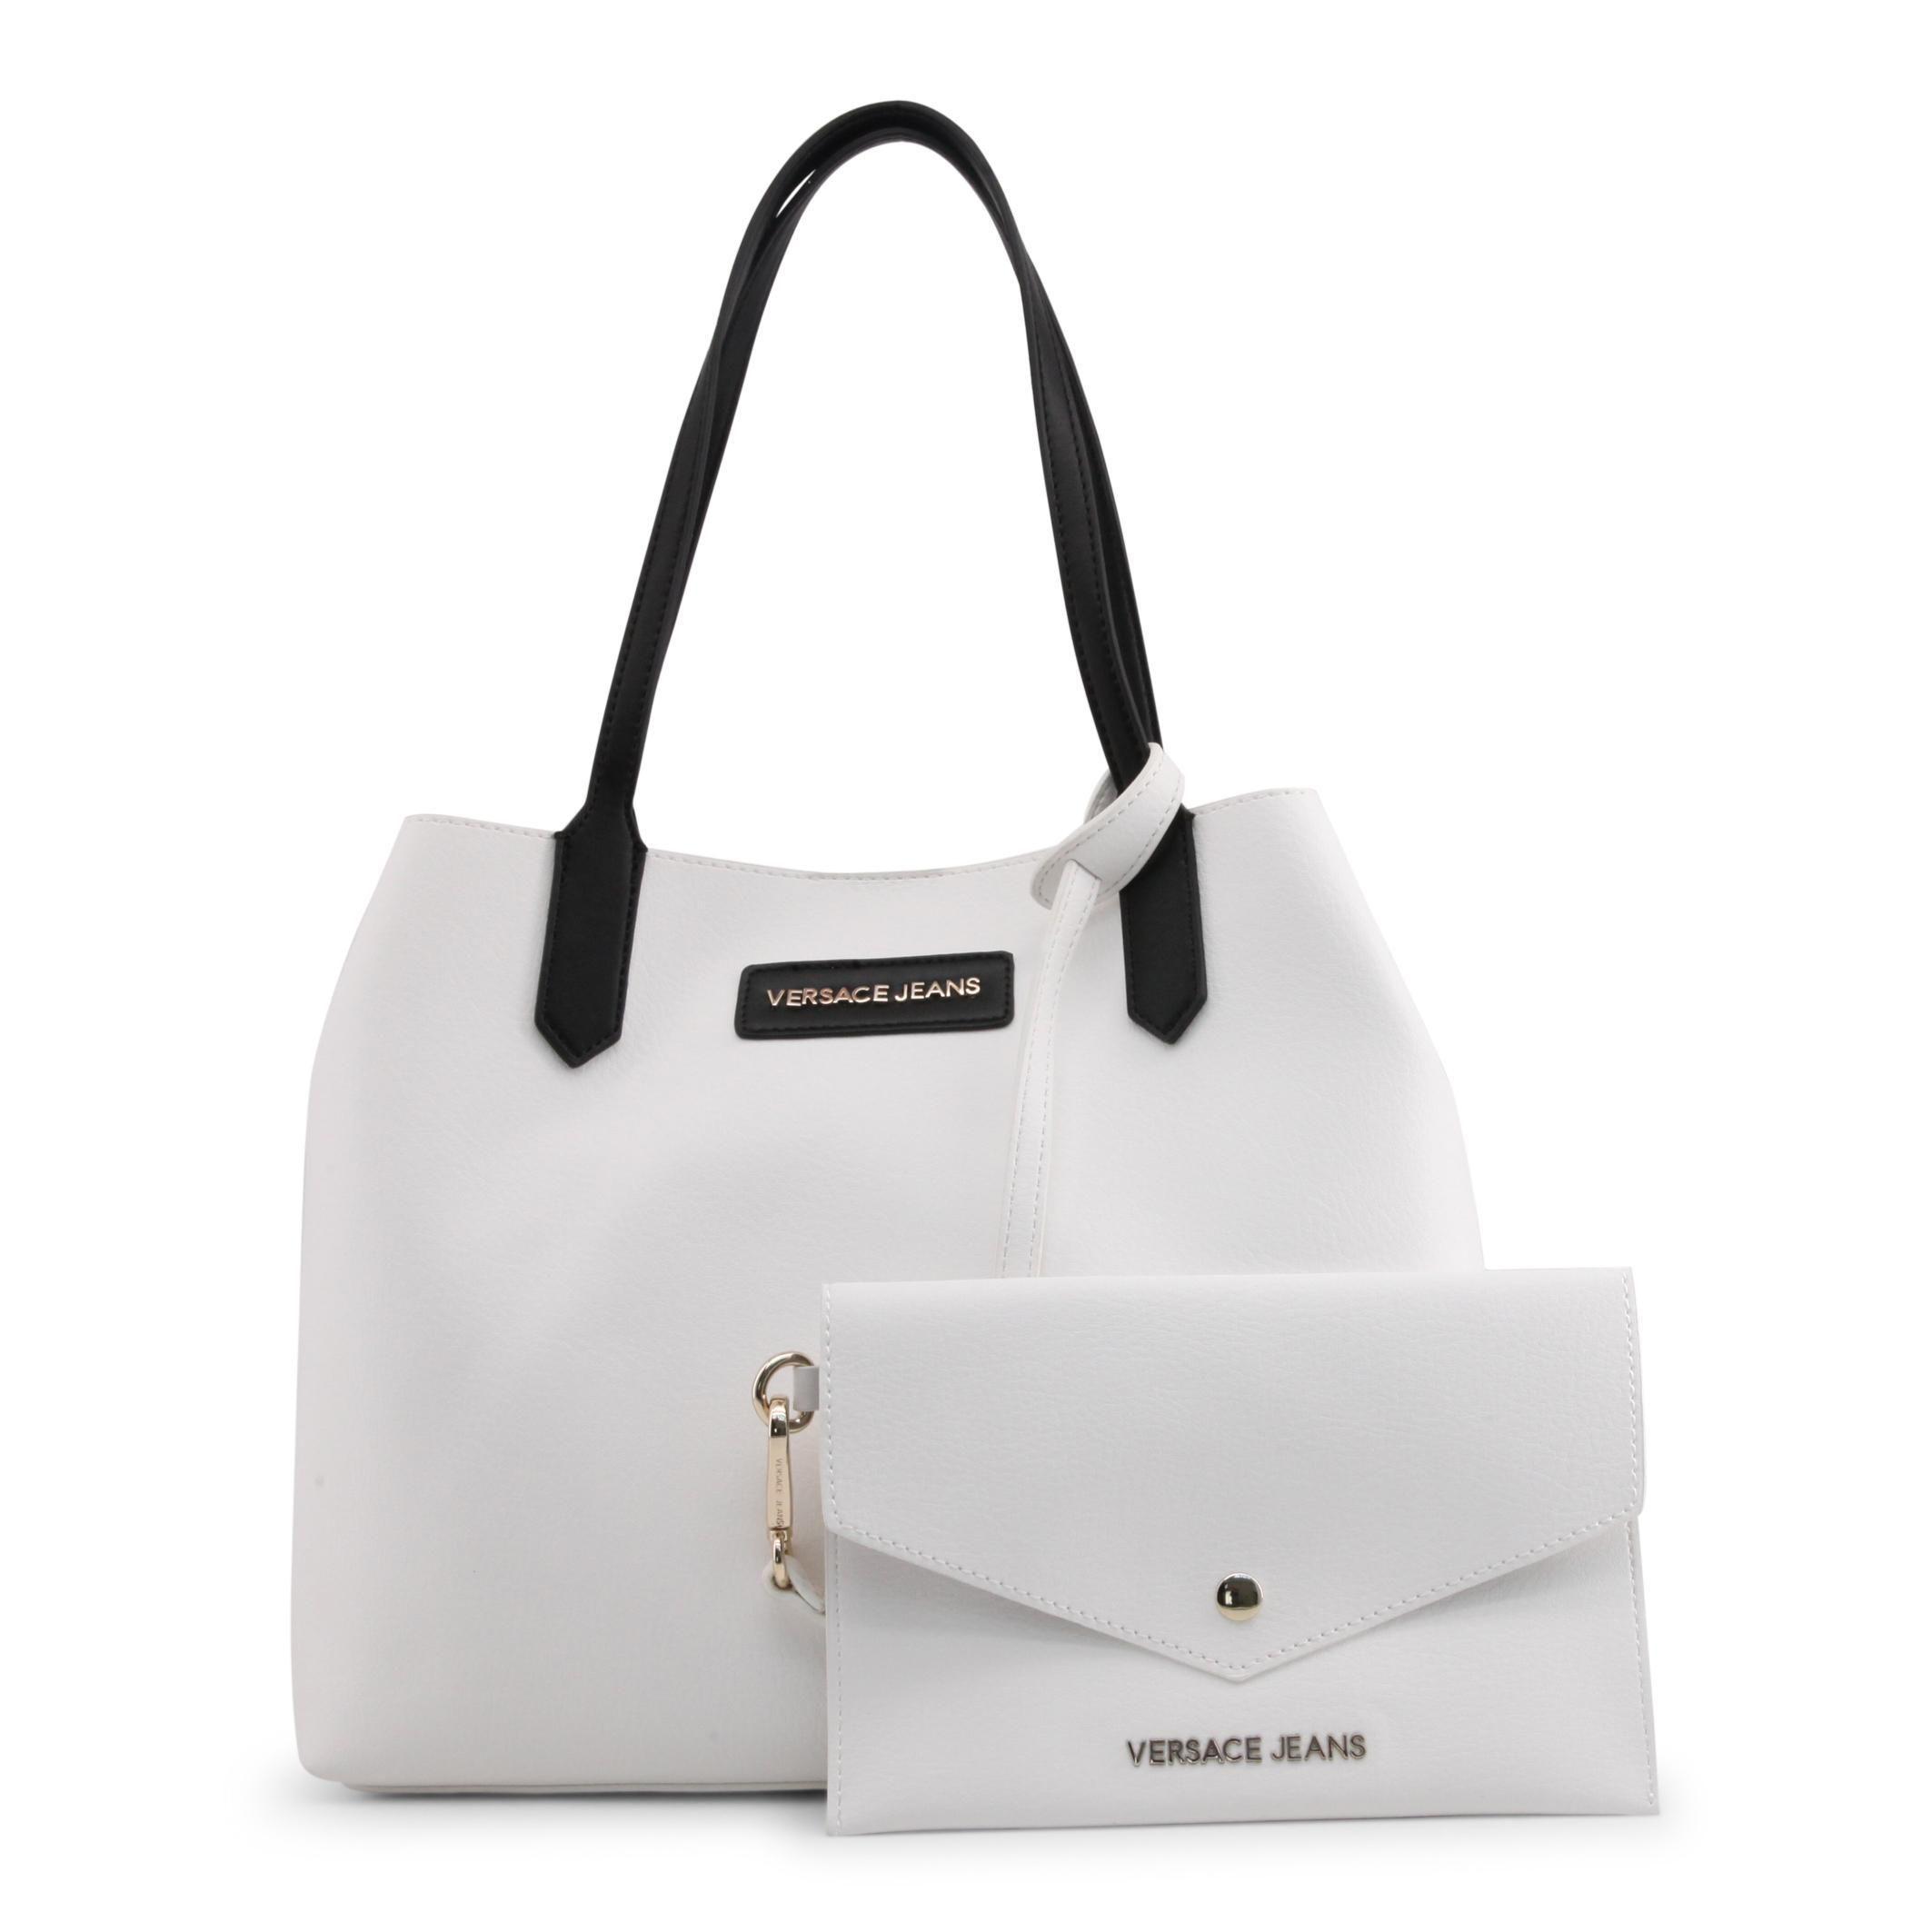 Versace Jeans - E1VRBBN8 70048. Versace Jeans - E1VRBBN8 70048 White  Shoulder Bags ... 748468f020